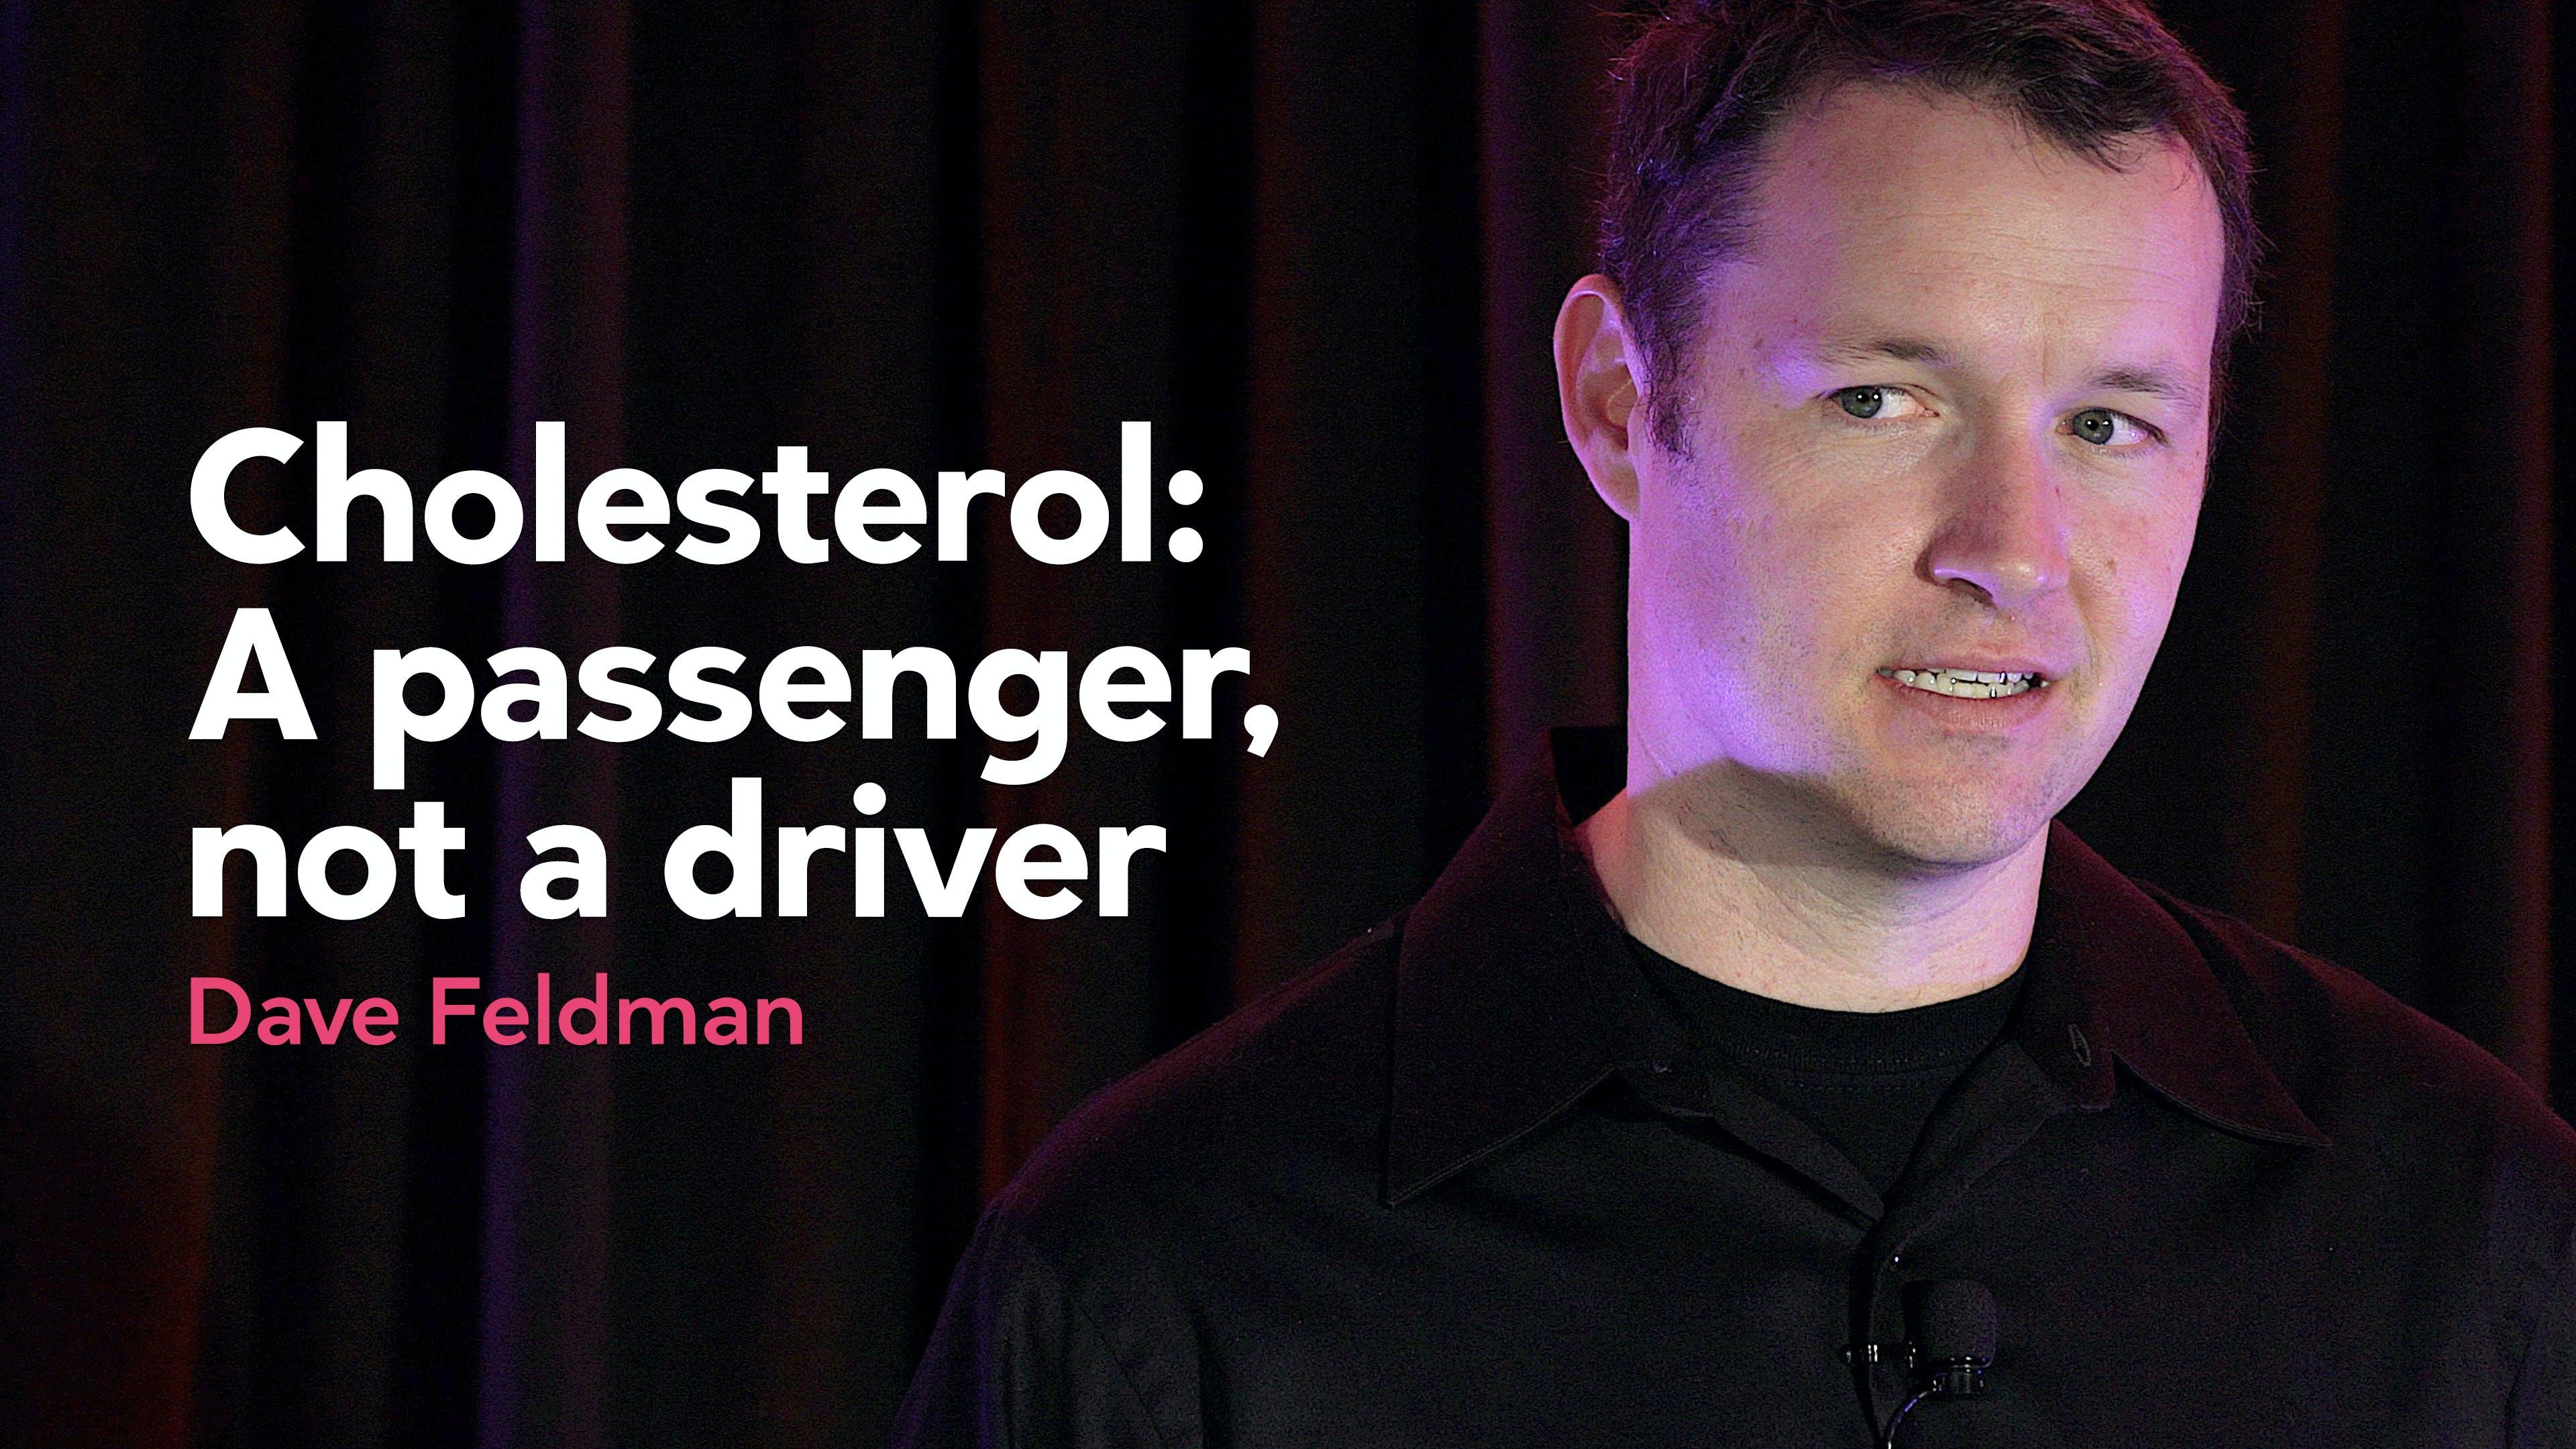 Cholesterol: A passenger, not a driver